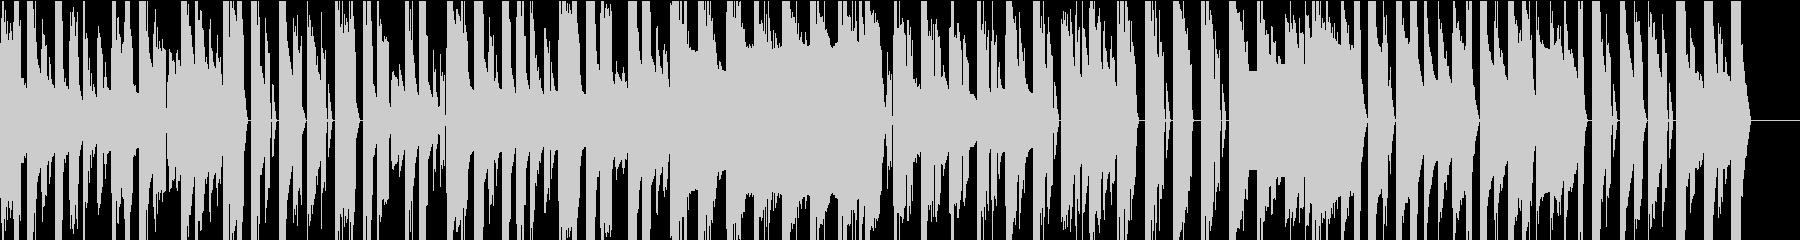 チップチューンのコミカルなオープニング曲の未再生の波形